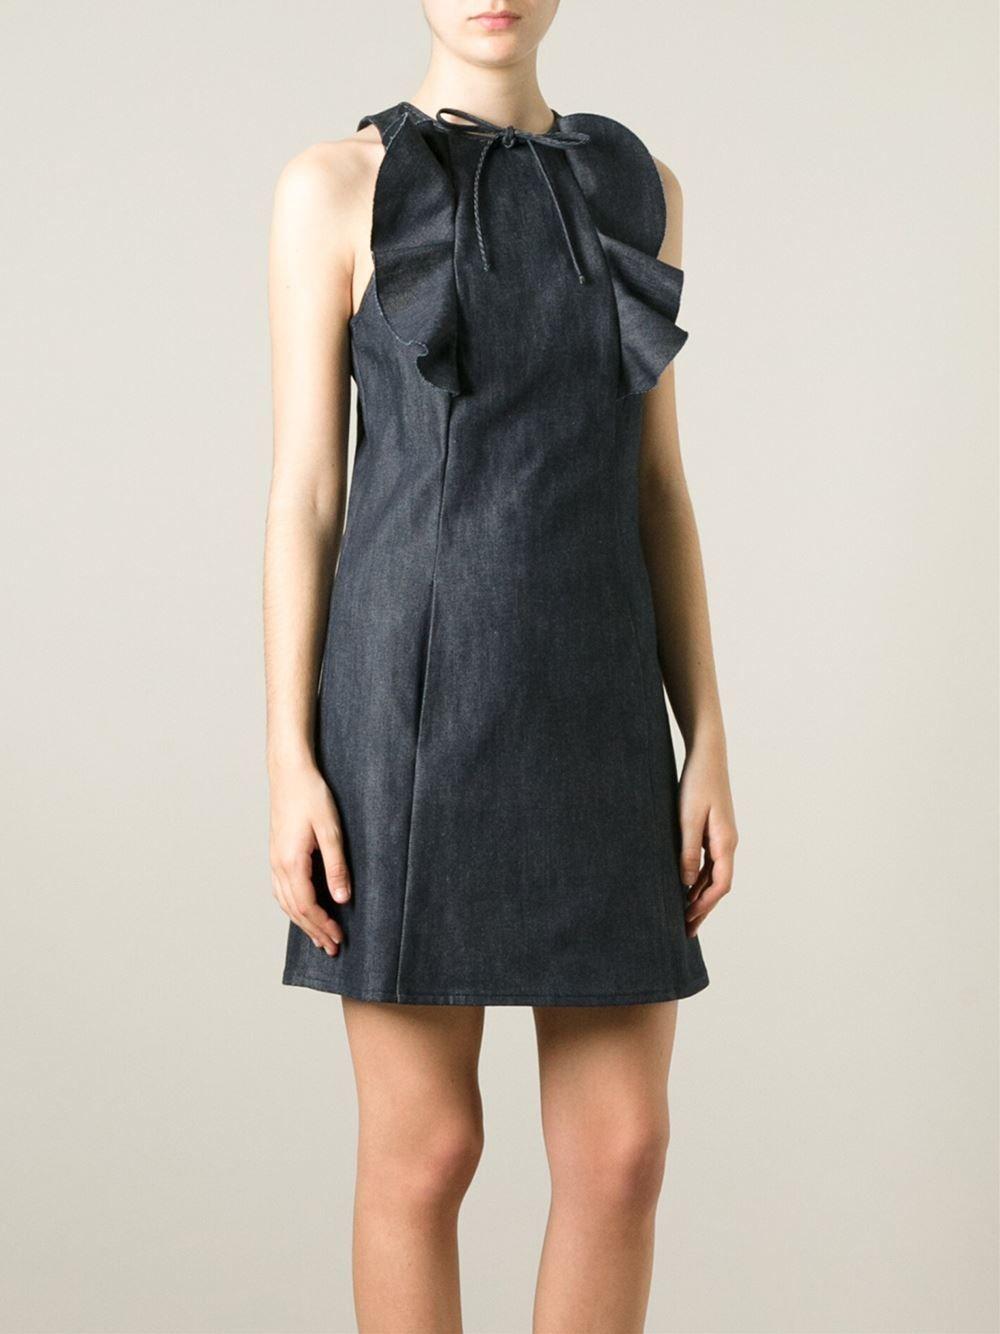 Giamba Ruffle Detail Denim Dress - Cumini - Farfetch.com